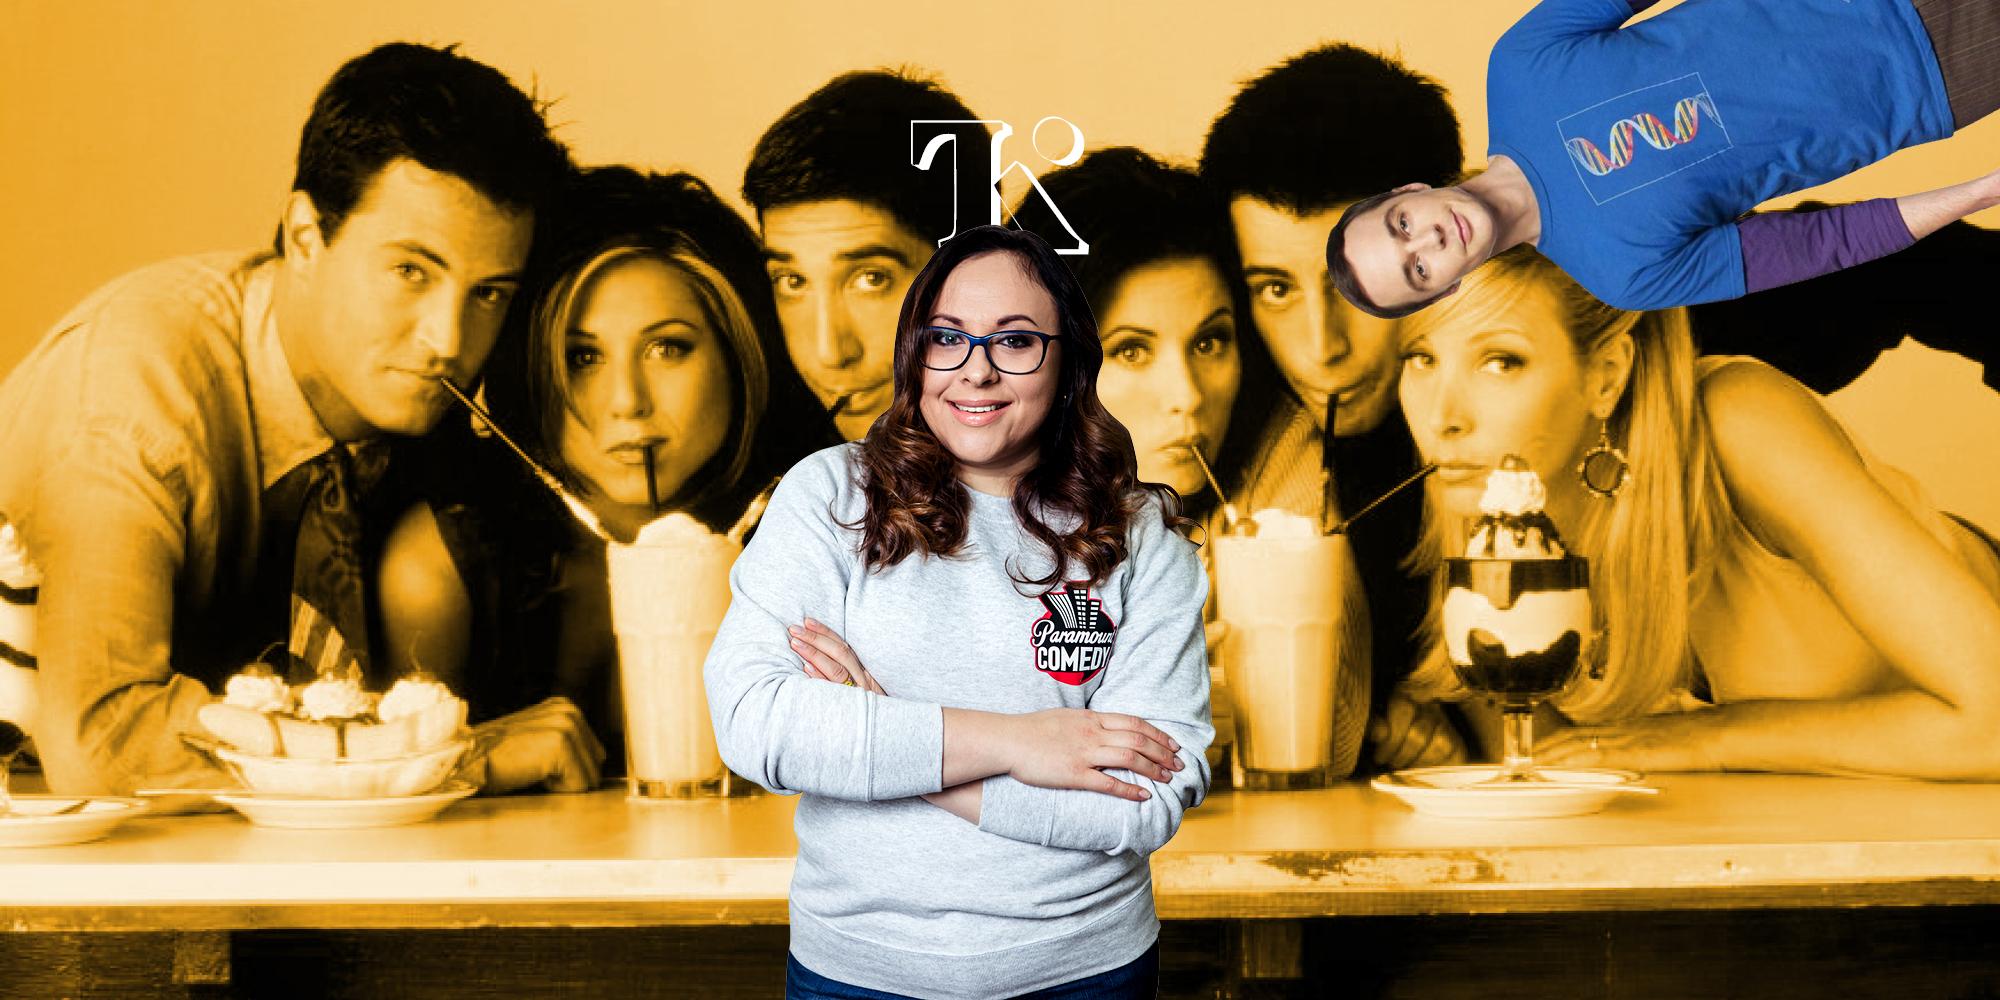 Оксана Петришин: «Прошло 15 лет, а украинцам все нравится сериал «Друзья»